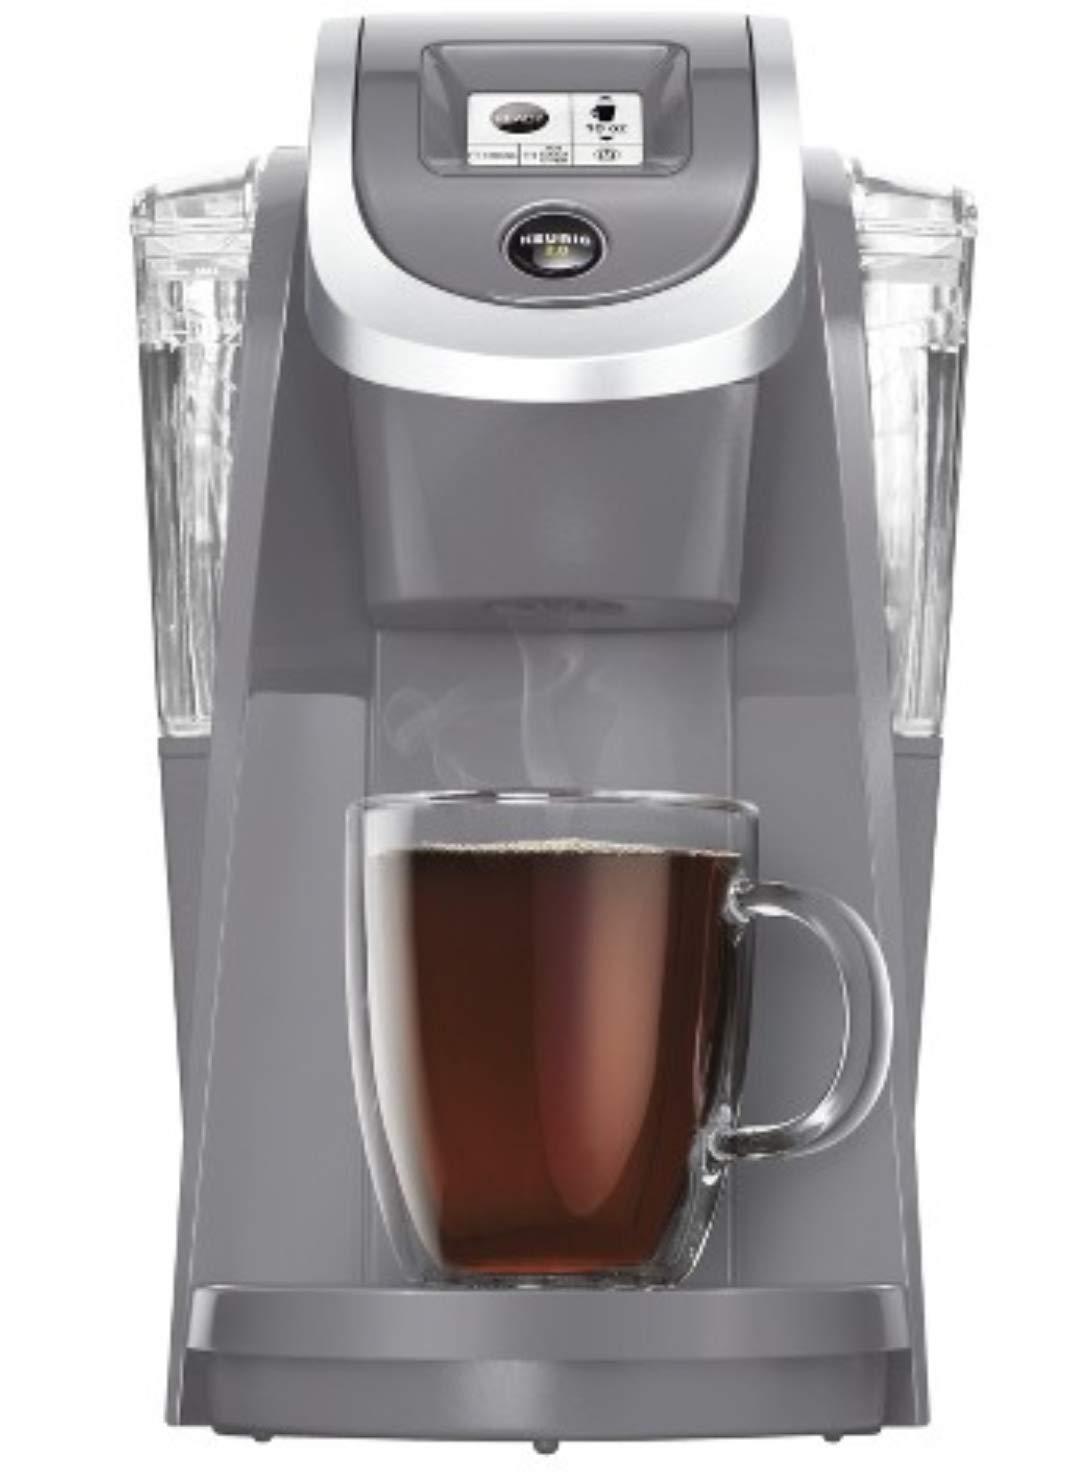 Keurig HOT Plus Series K200 Brewer, Plum Grey by Keurig (Image #1)